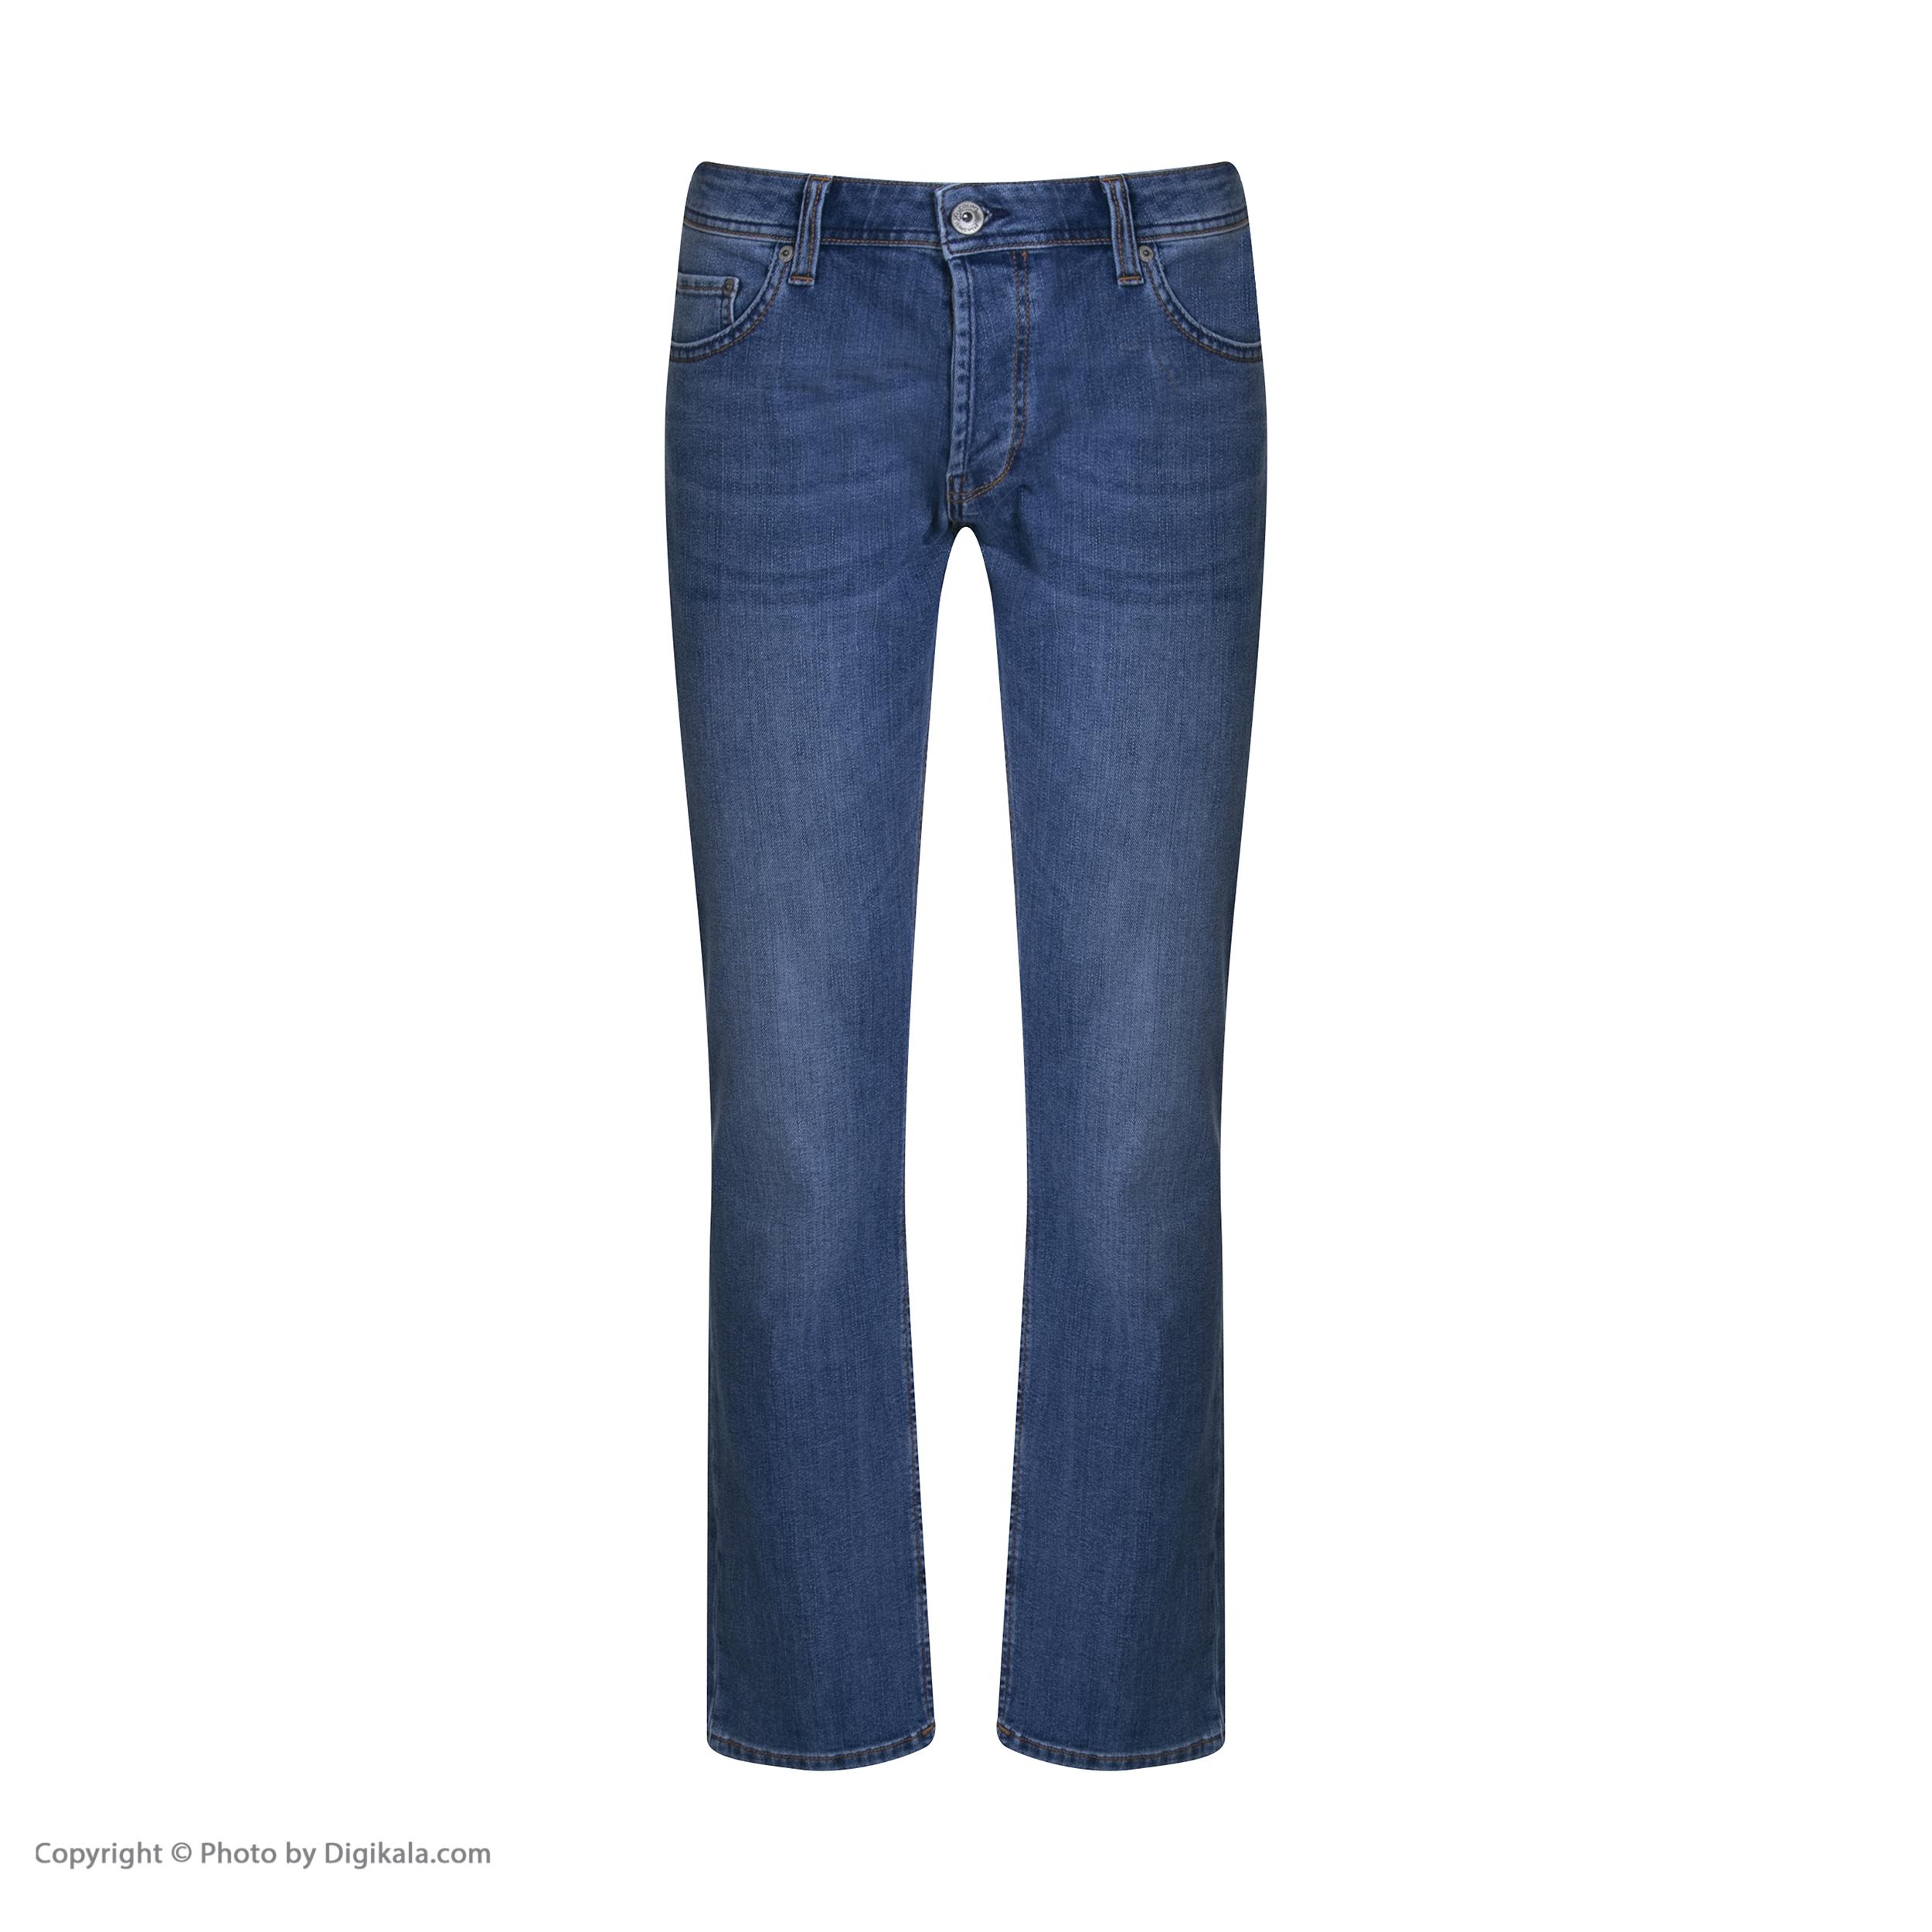 شلوار جین مردانه کالینز مدل CL1019135-LIGHTTROYWASH -  - 3